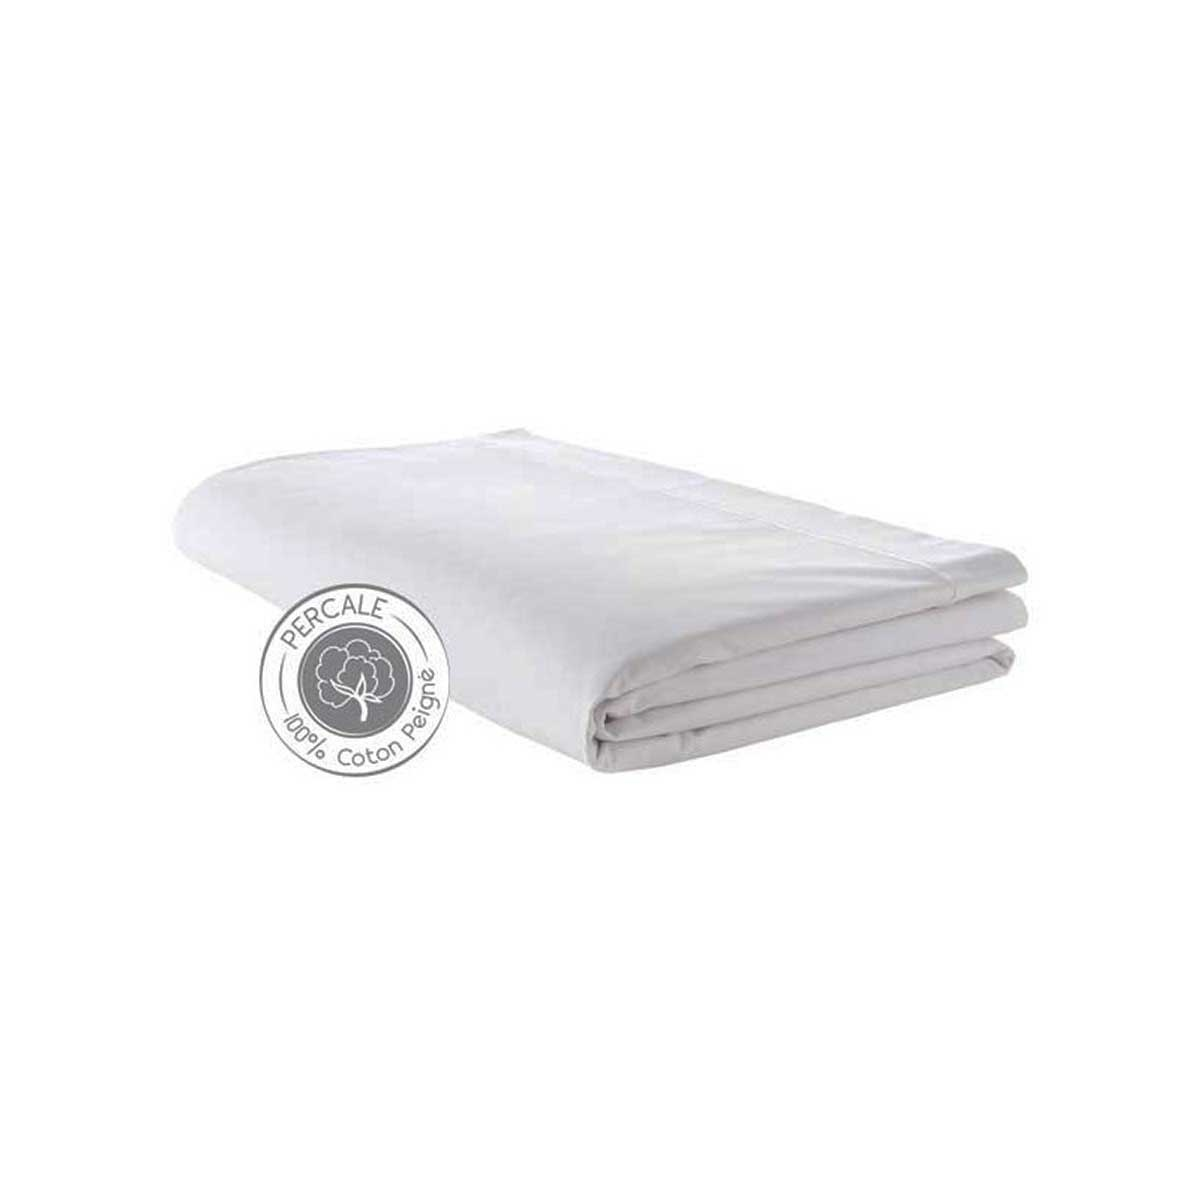 Drap percale 280 x 325 cm (Blanc)